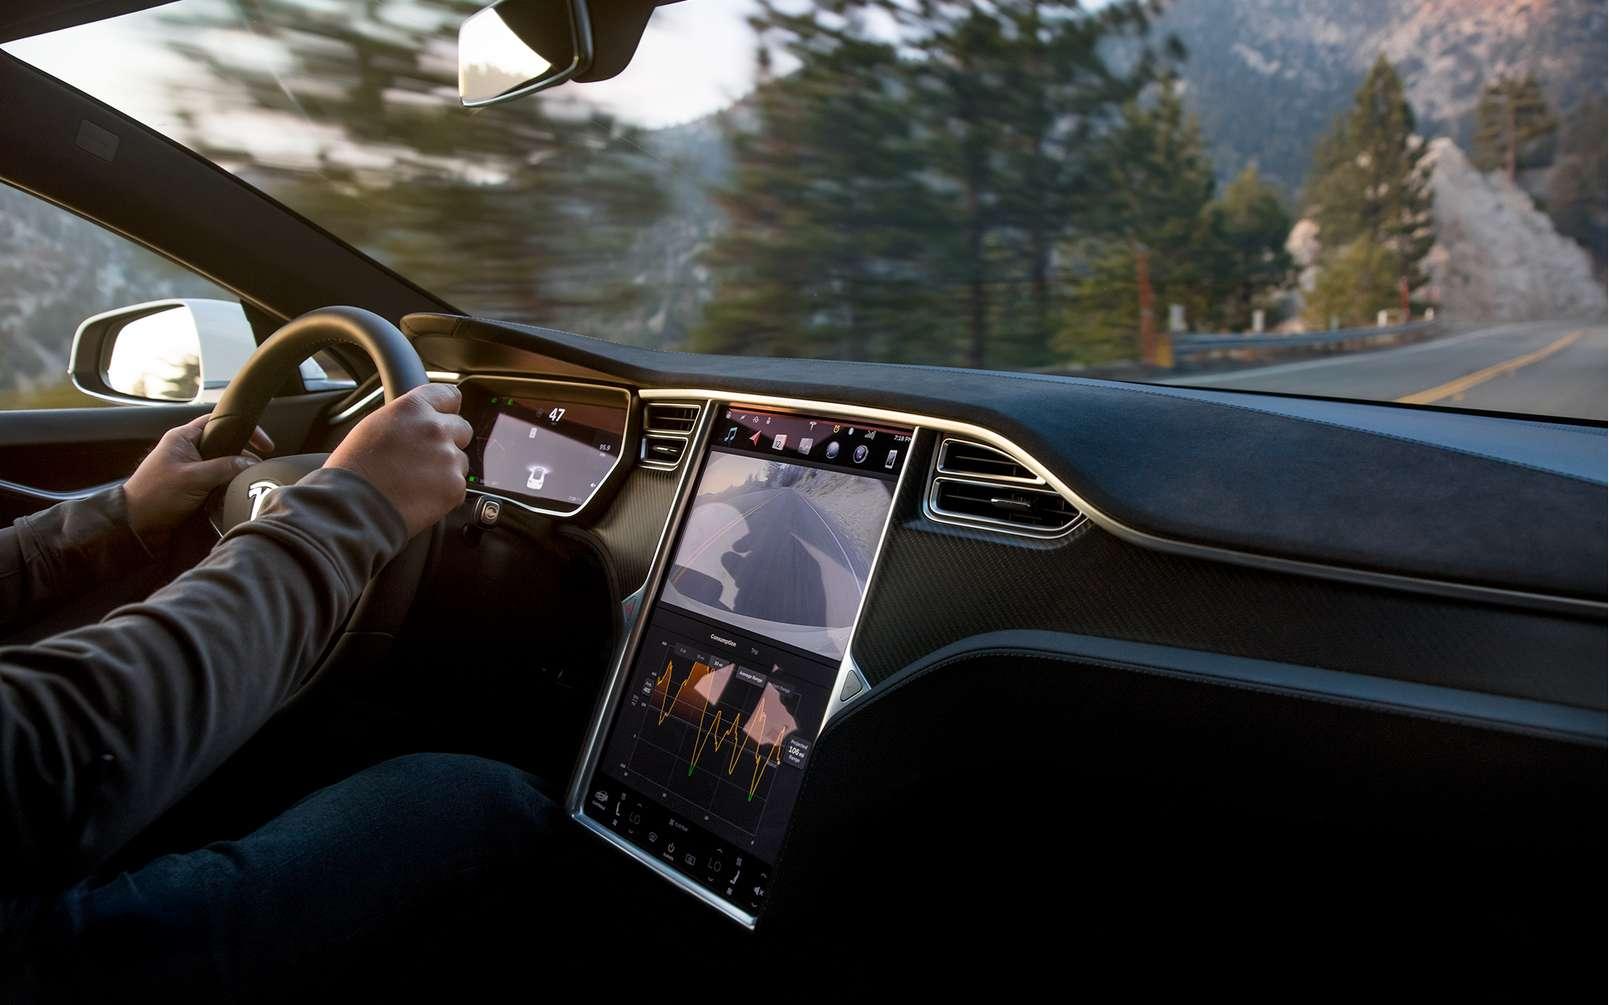 La Tesla Model S en version Performance ou Grande Autonomie équipée du groupe motopropulseur Raven devrait prochainement hériter d'un nouveau mode de départ arrêté ultra performant. © Tesla